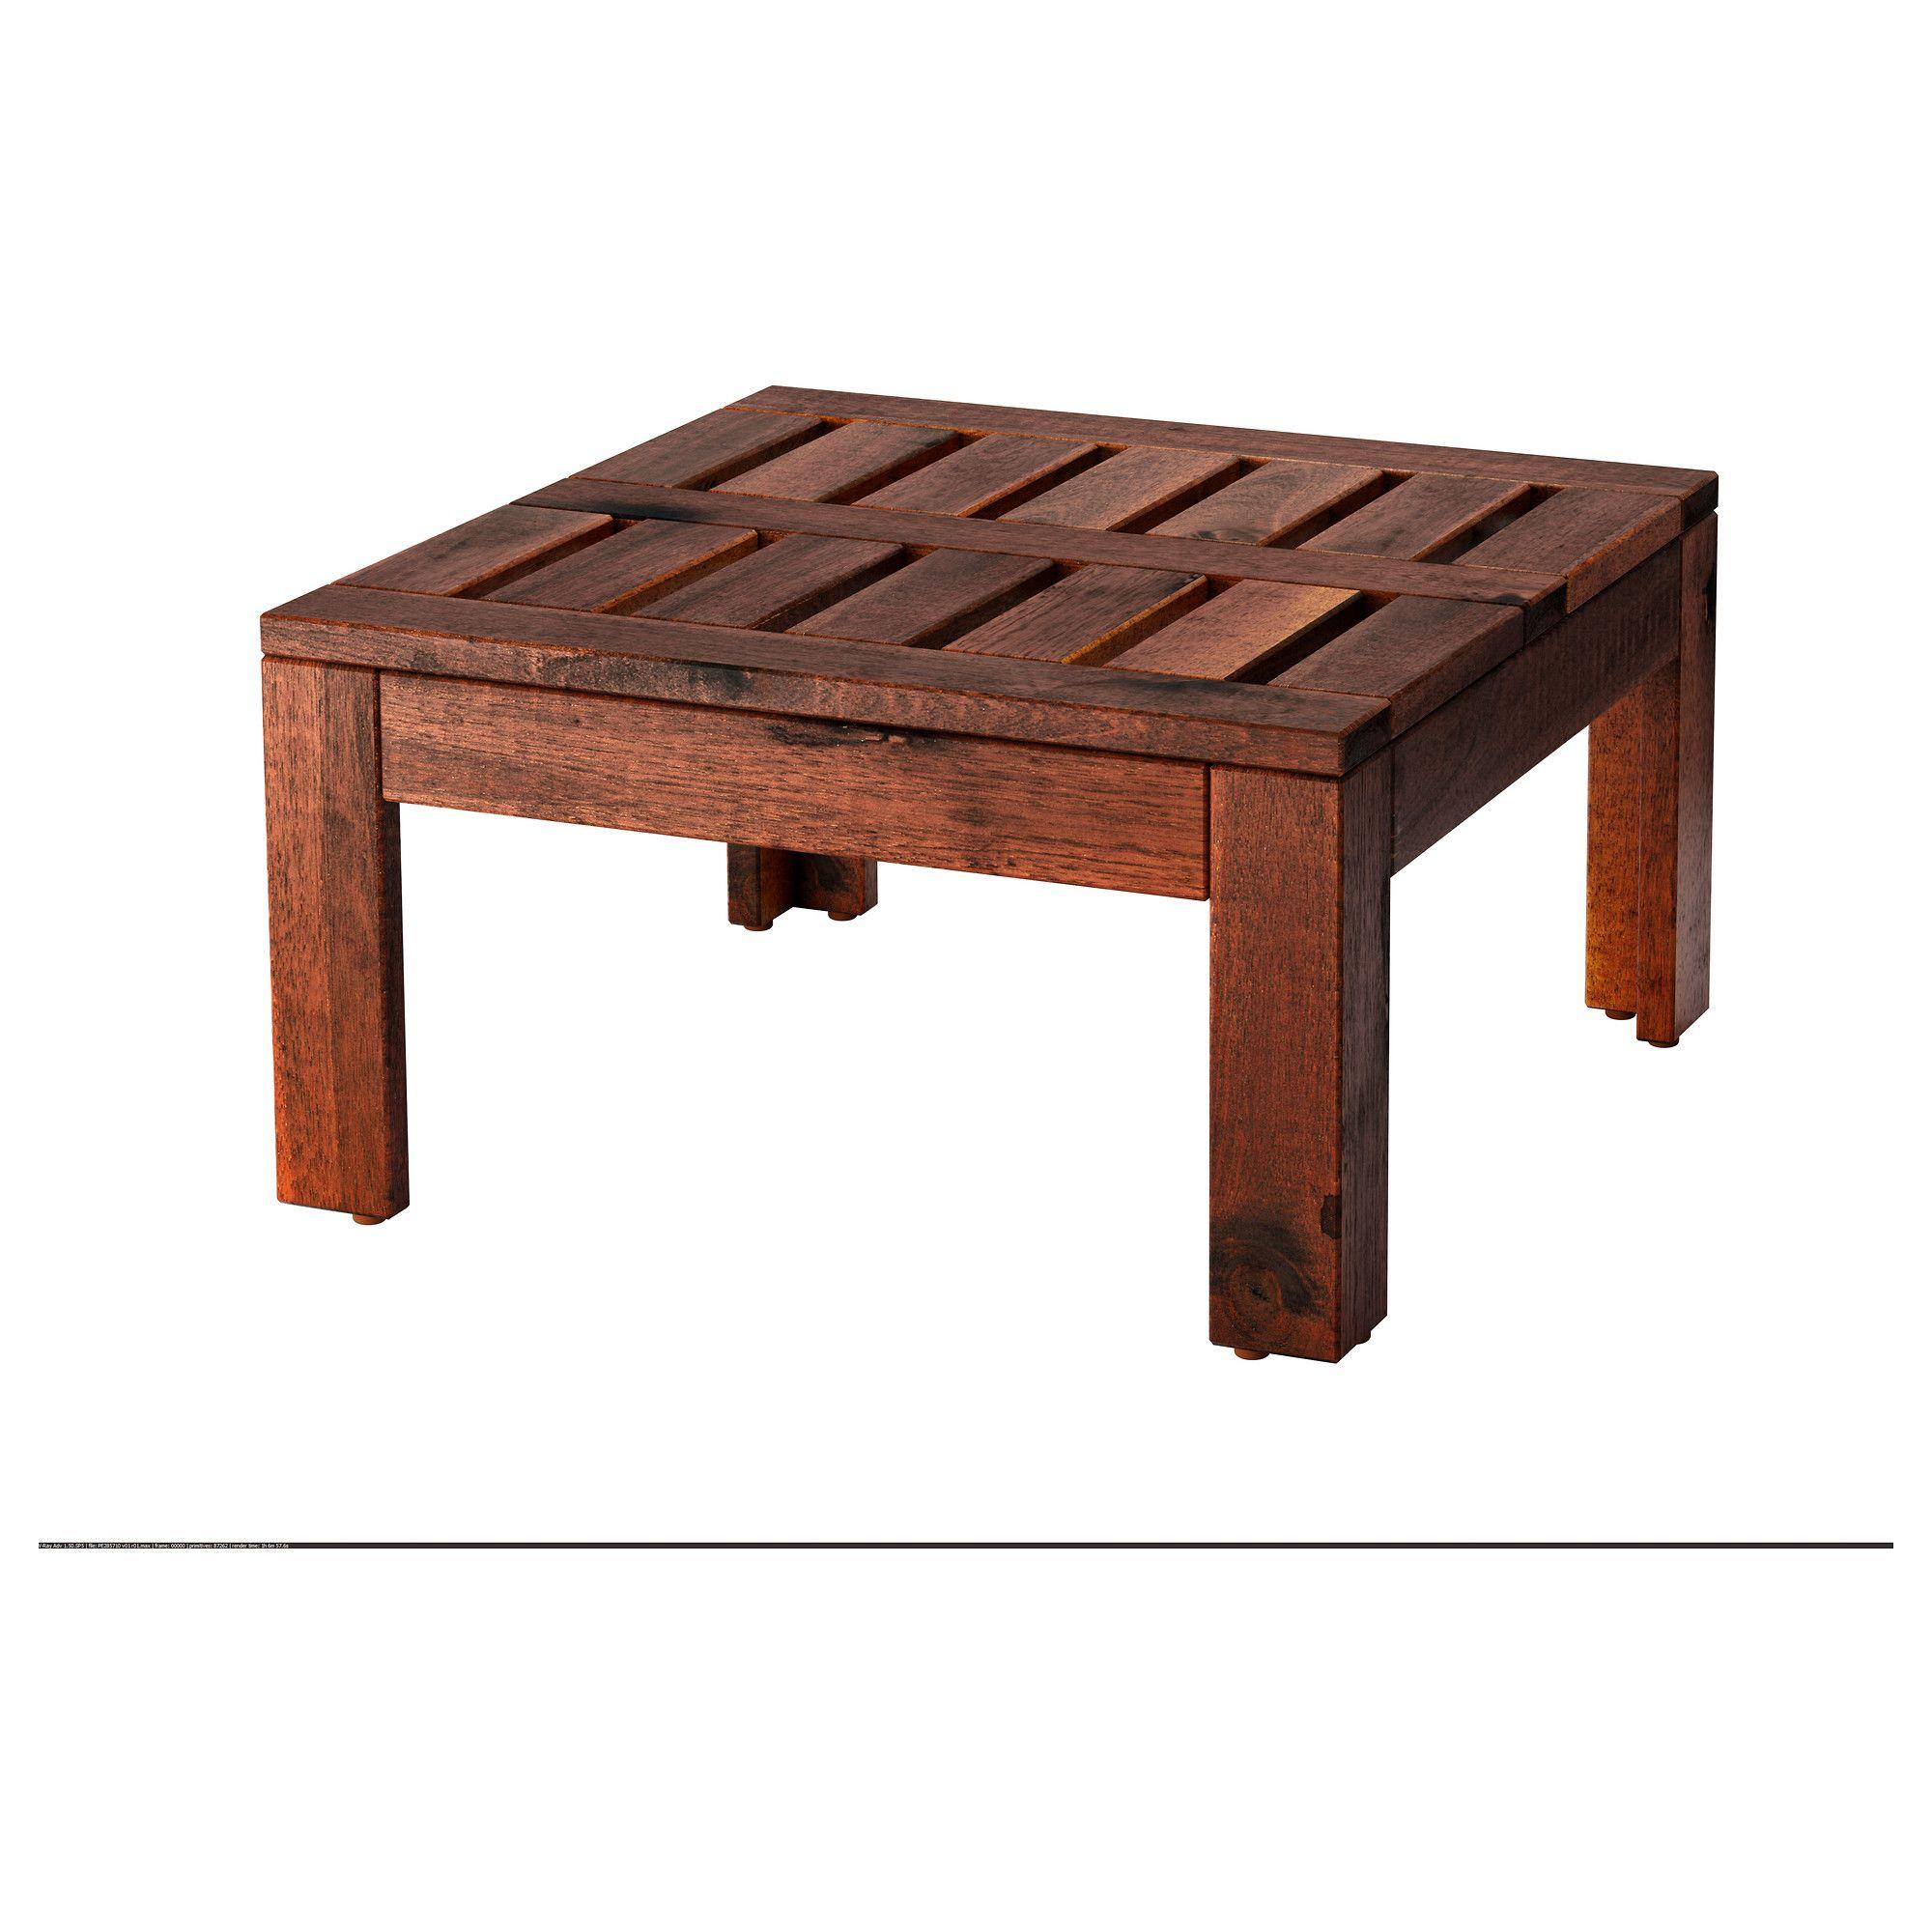 Bútorok és Inspirációk Mindenkinek Outdoor Lounge Furniture Ikea Wood Wood Console Table